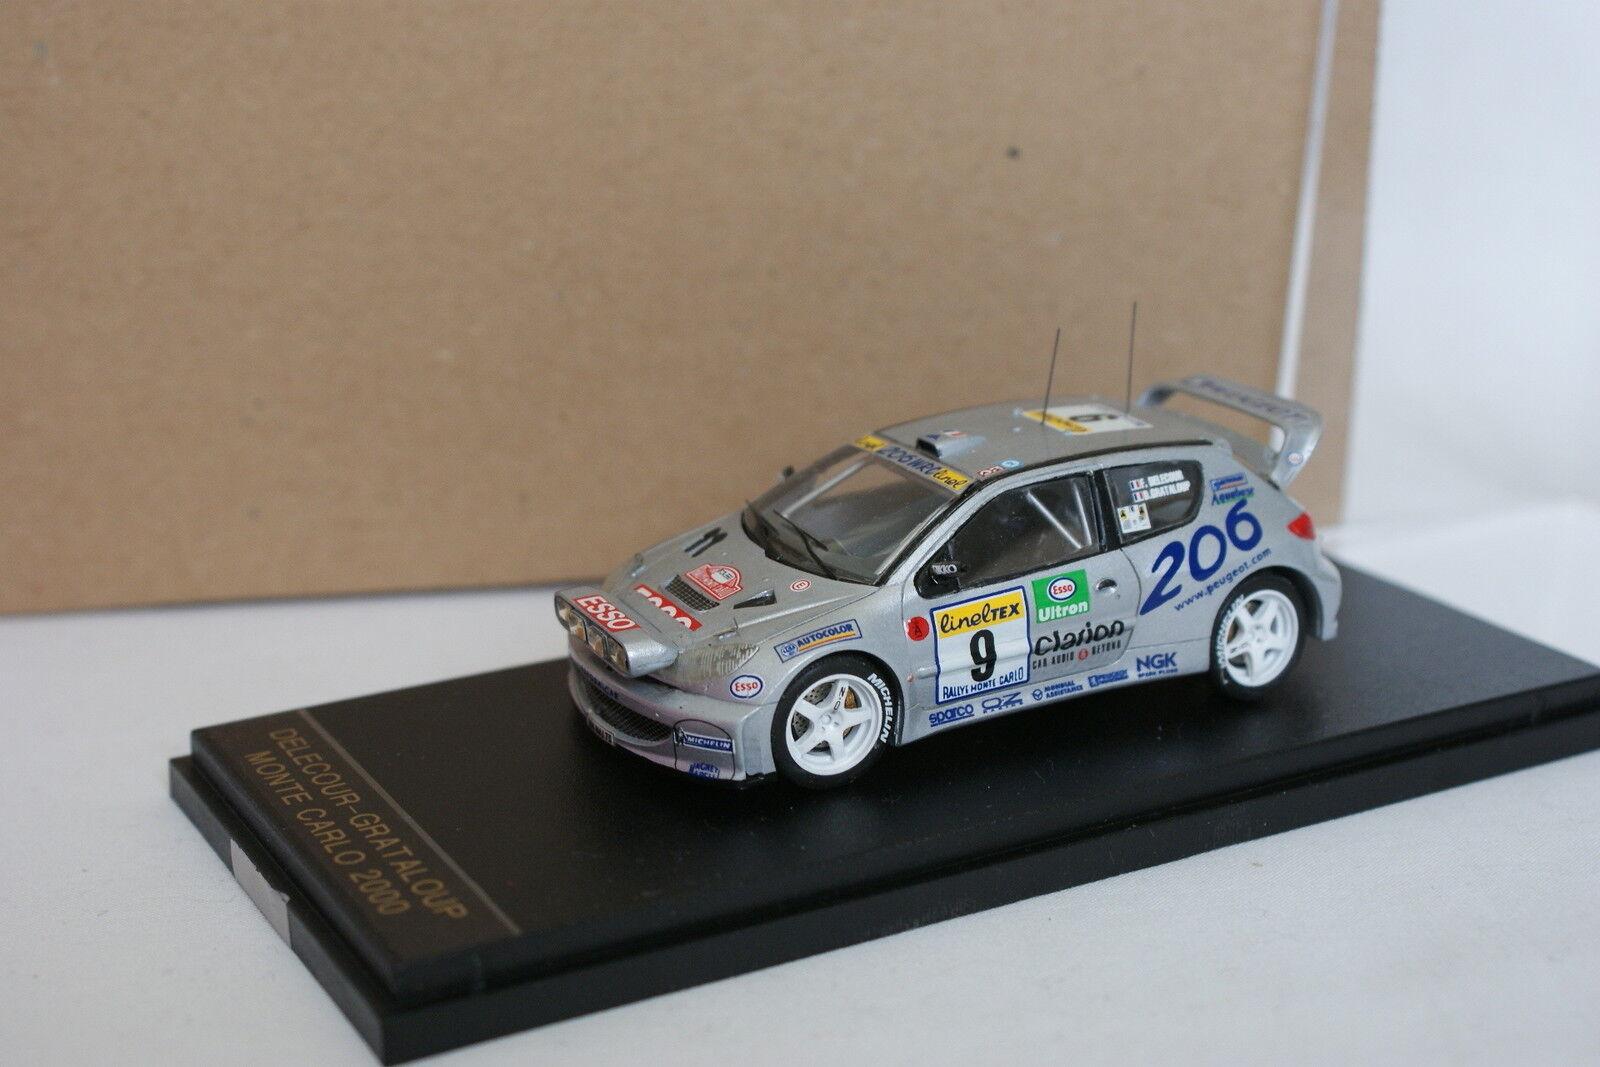 Provence Moulage Kit Monté 1 43 - Peugeot 206 WRC Rallye Monte Carlo 2000 N°9